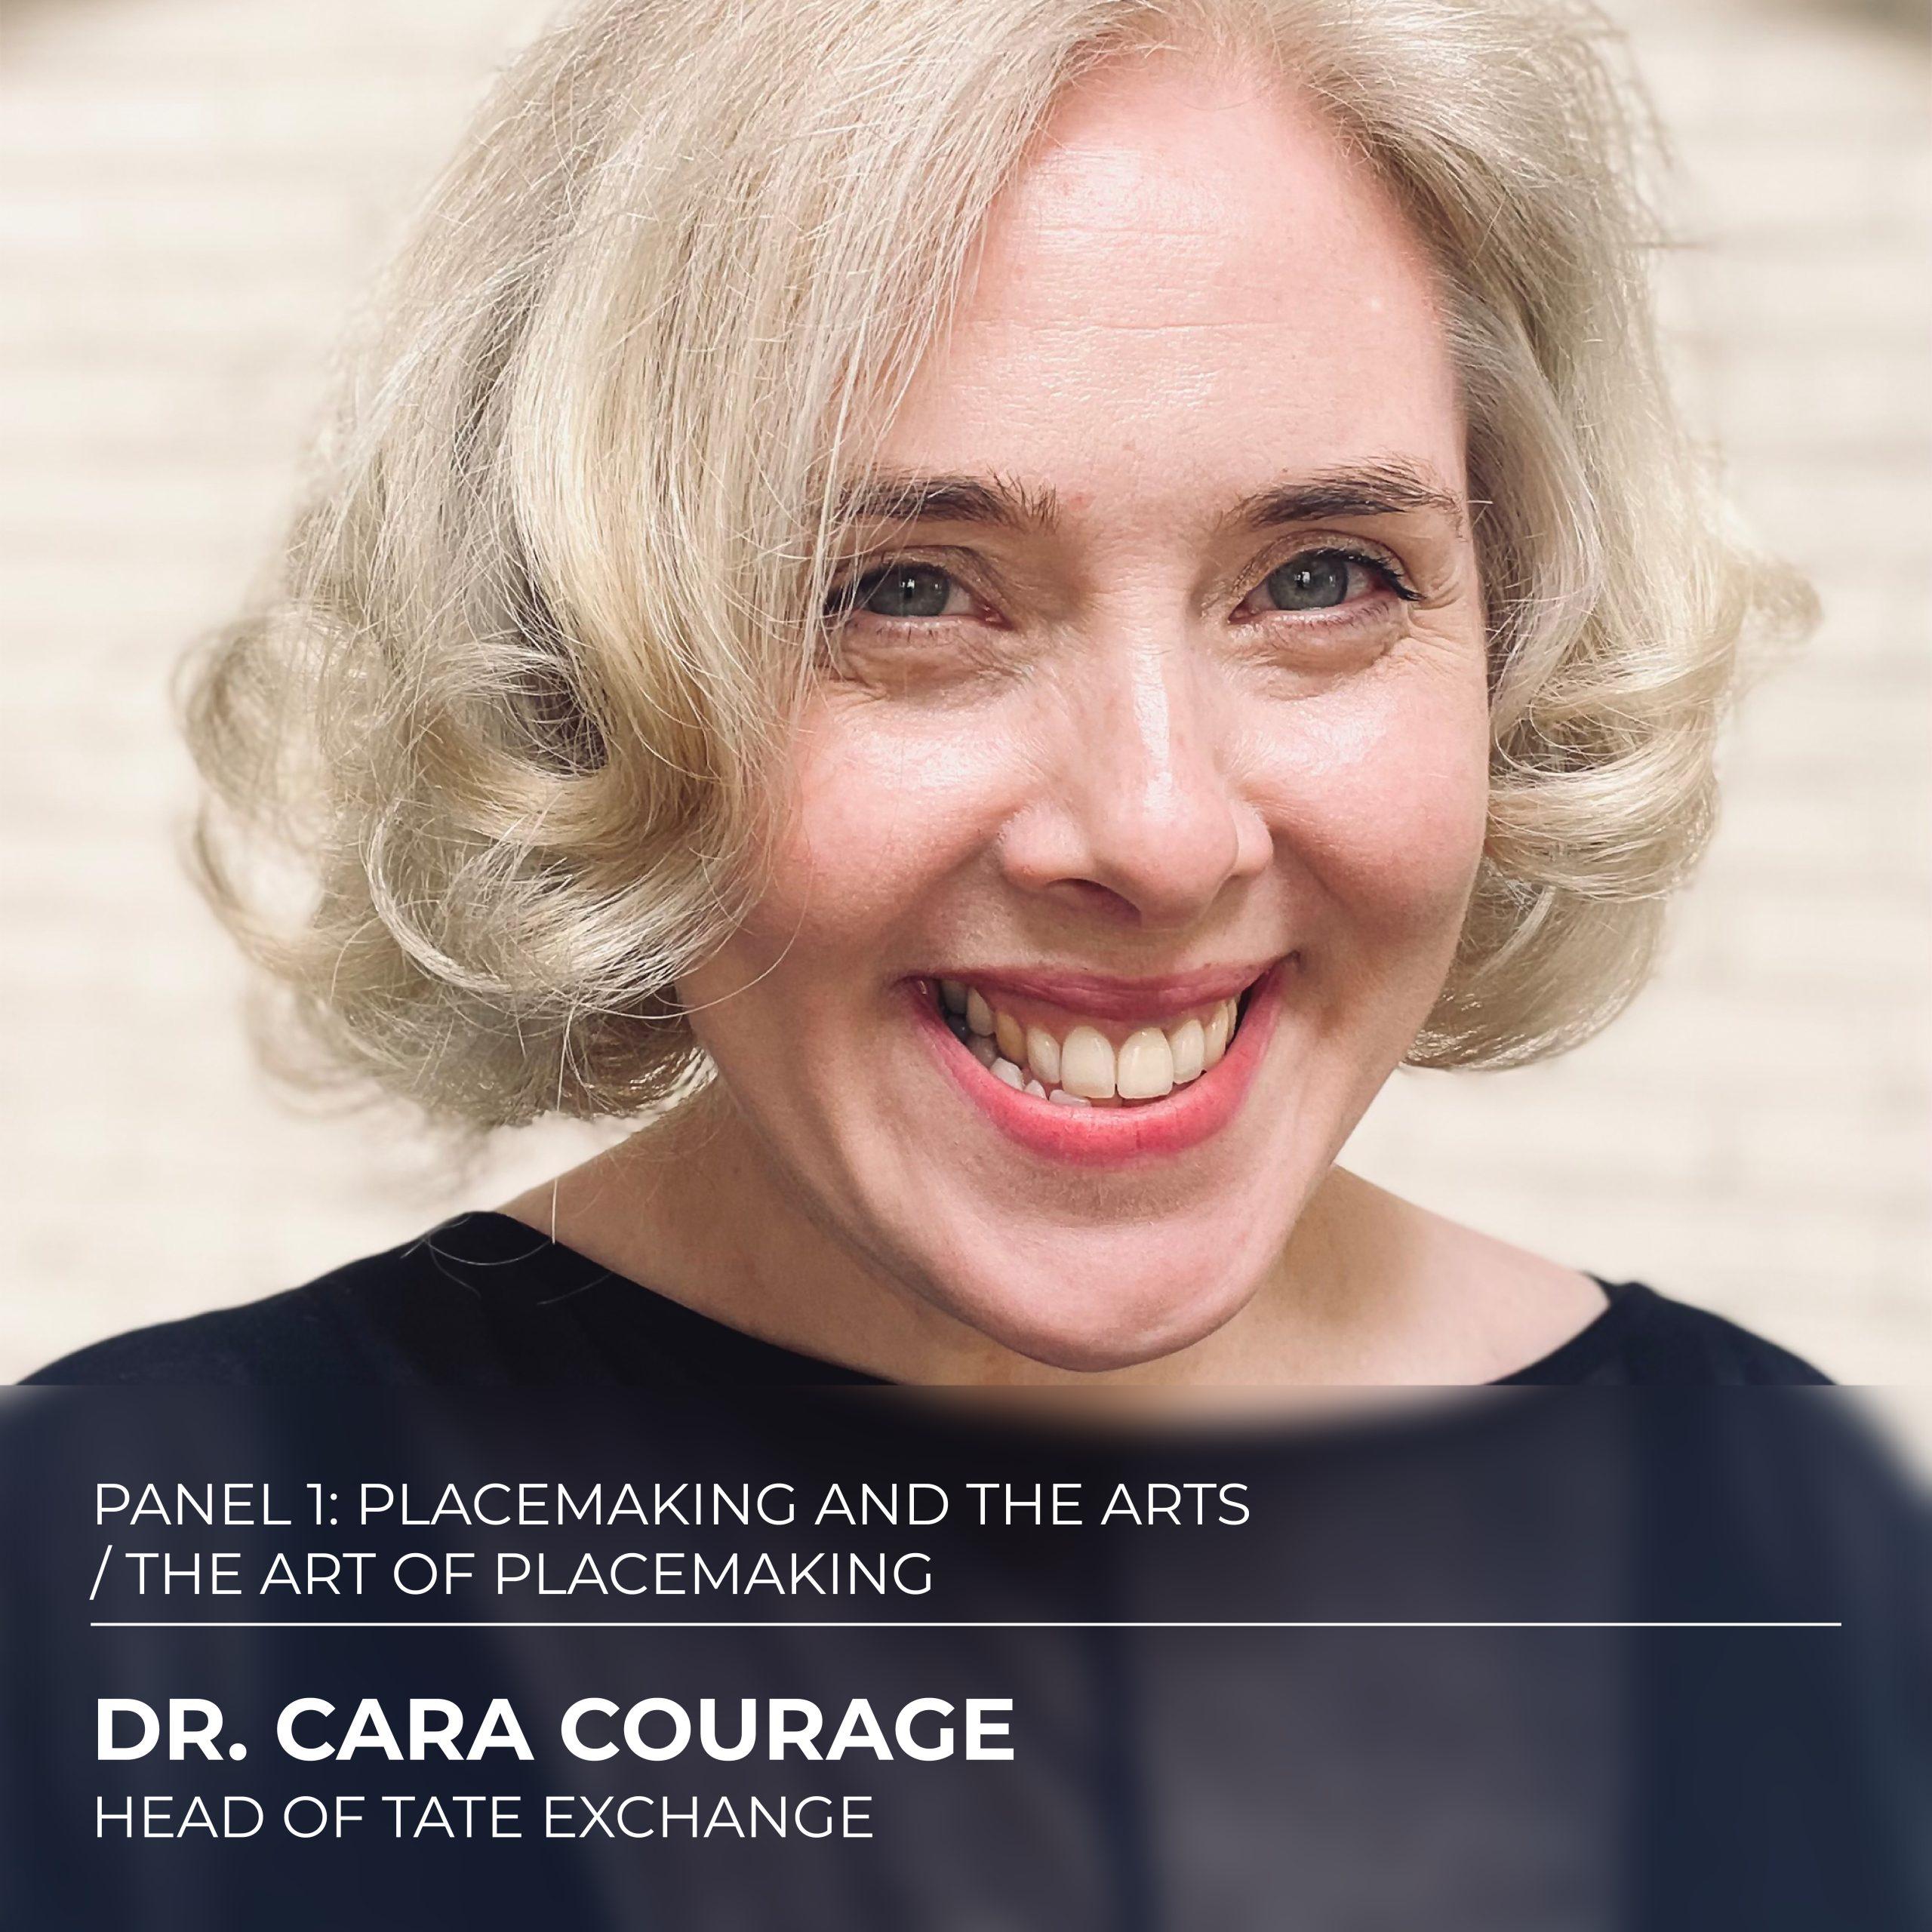 Dr. Cara Courage